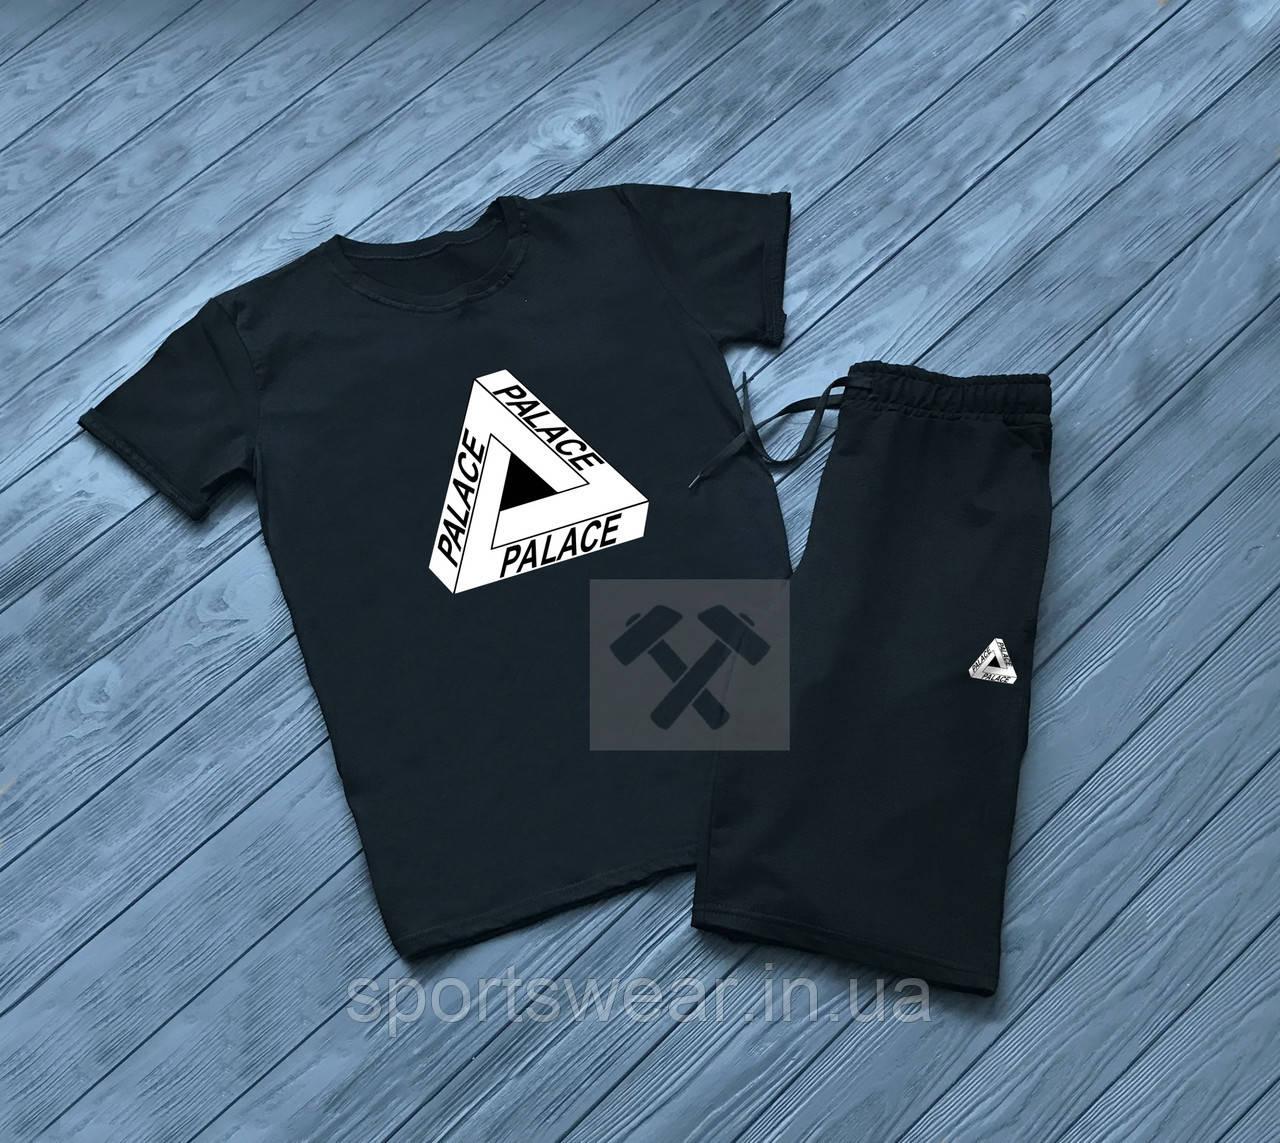 Мужской комплект футболка + шорты Palace черного цвета